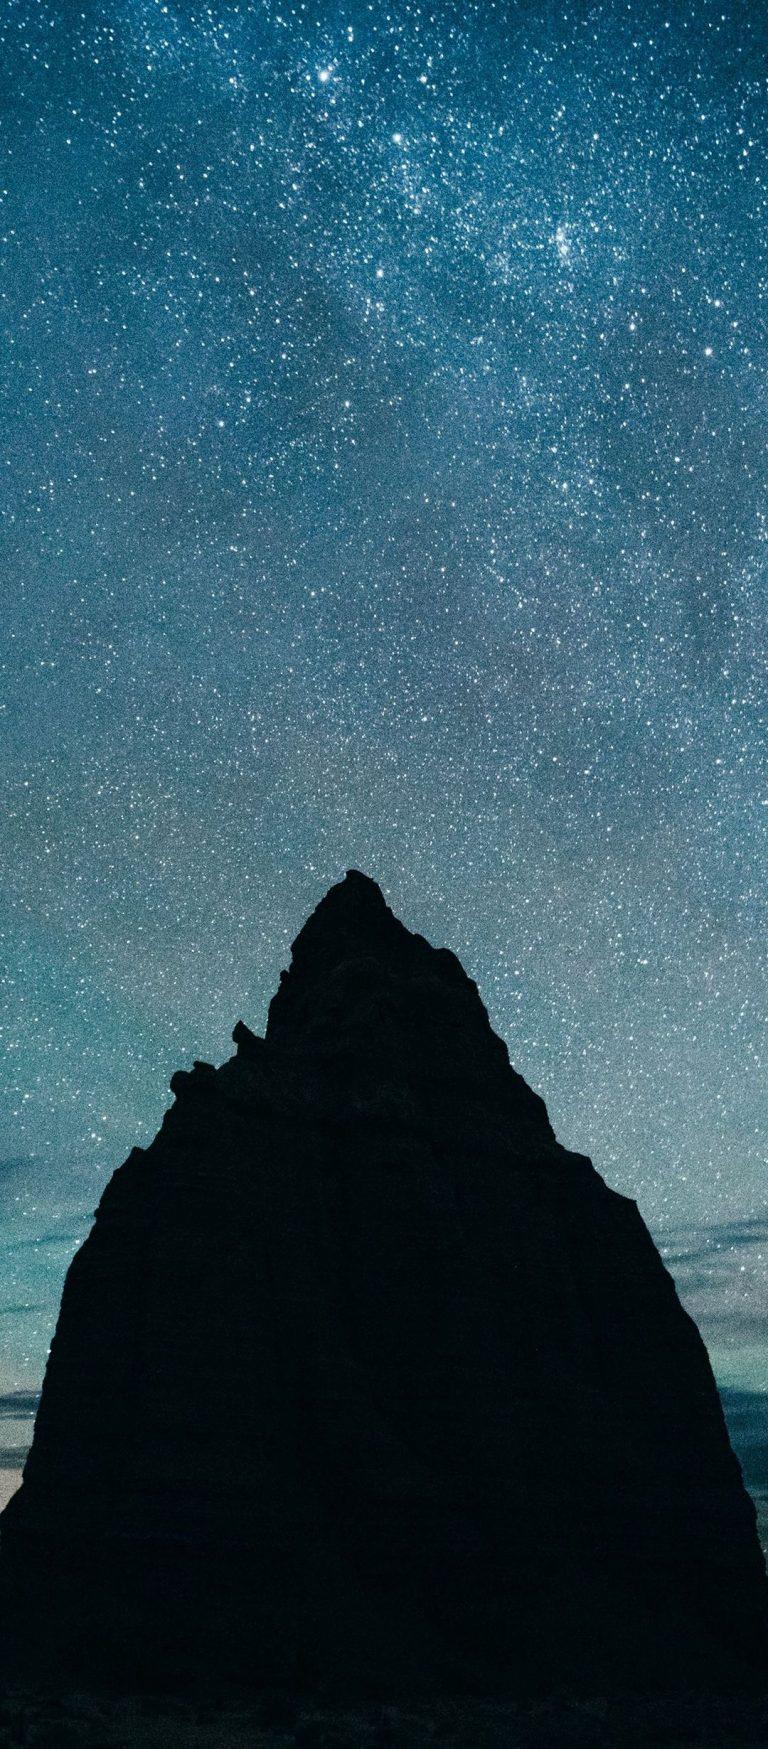 Starry Sky Hills Night 1080x2460 768x1749